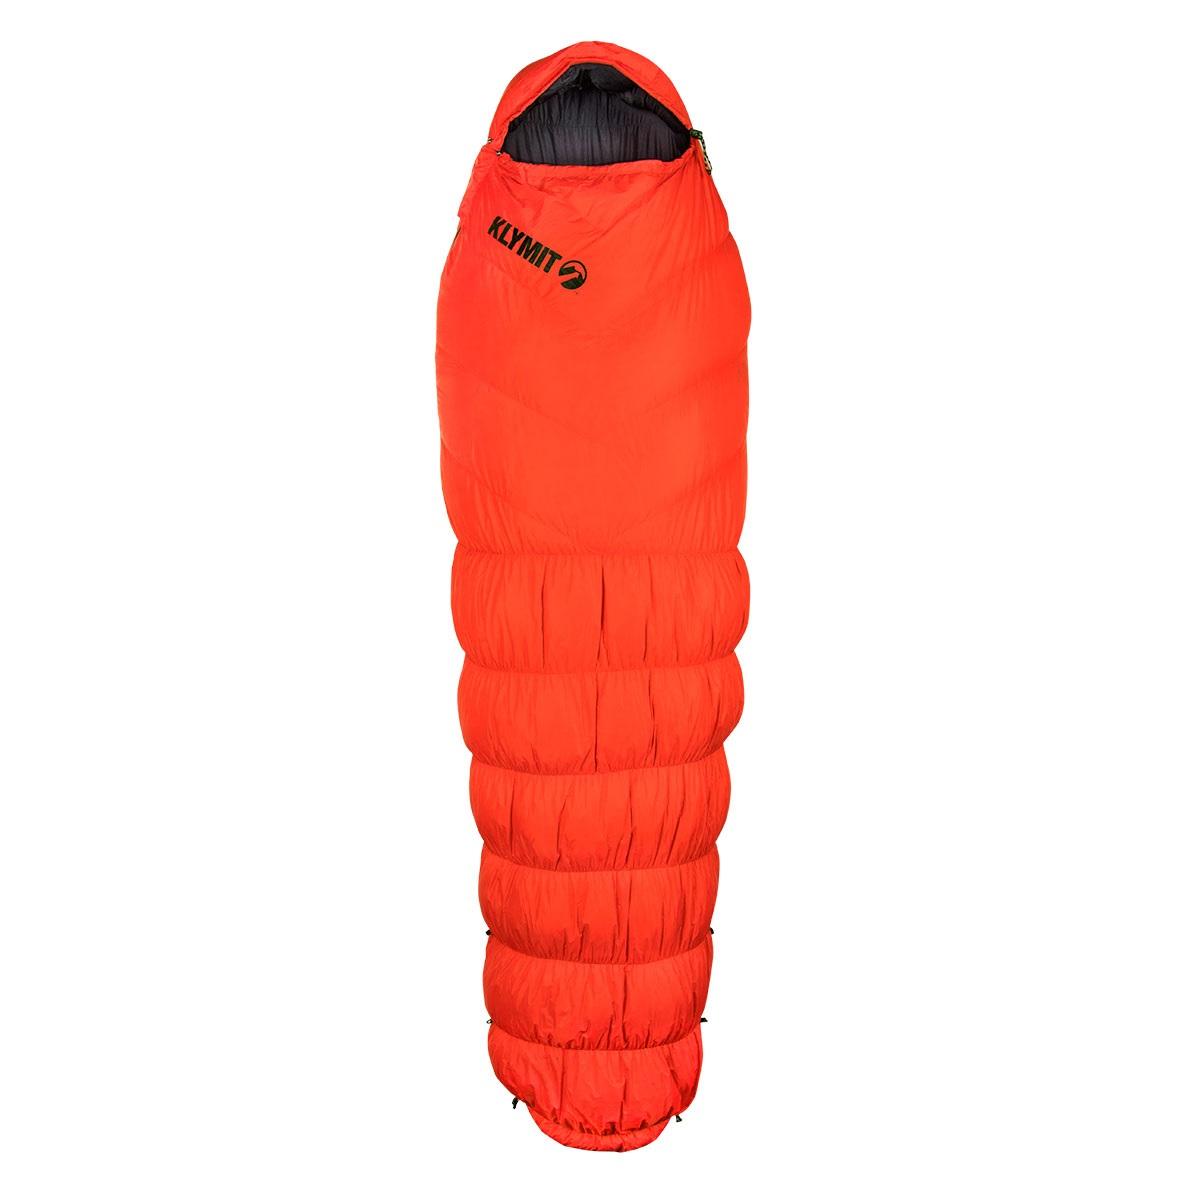 Спальный мешок Klymit KSB 0˚, оранжевый (13KZOR01C) цена 2017